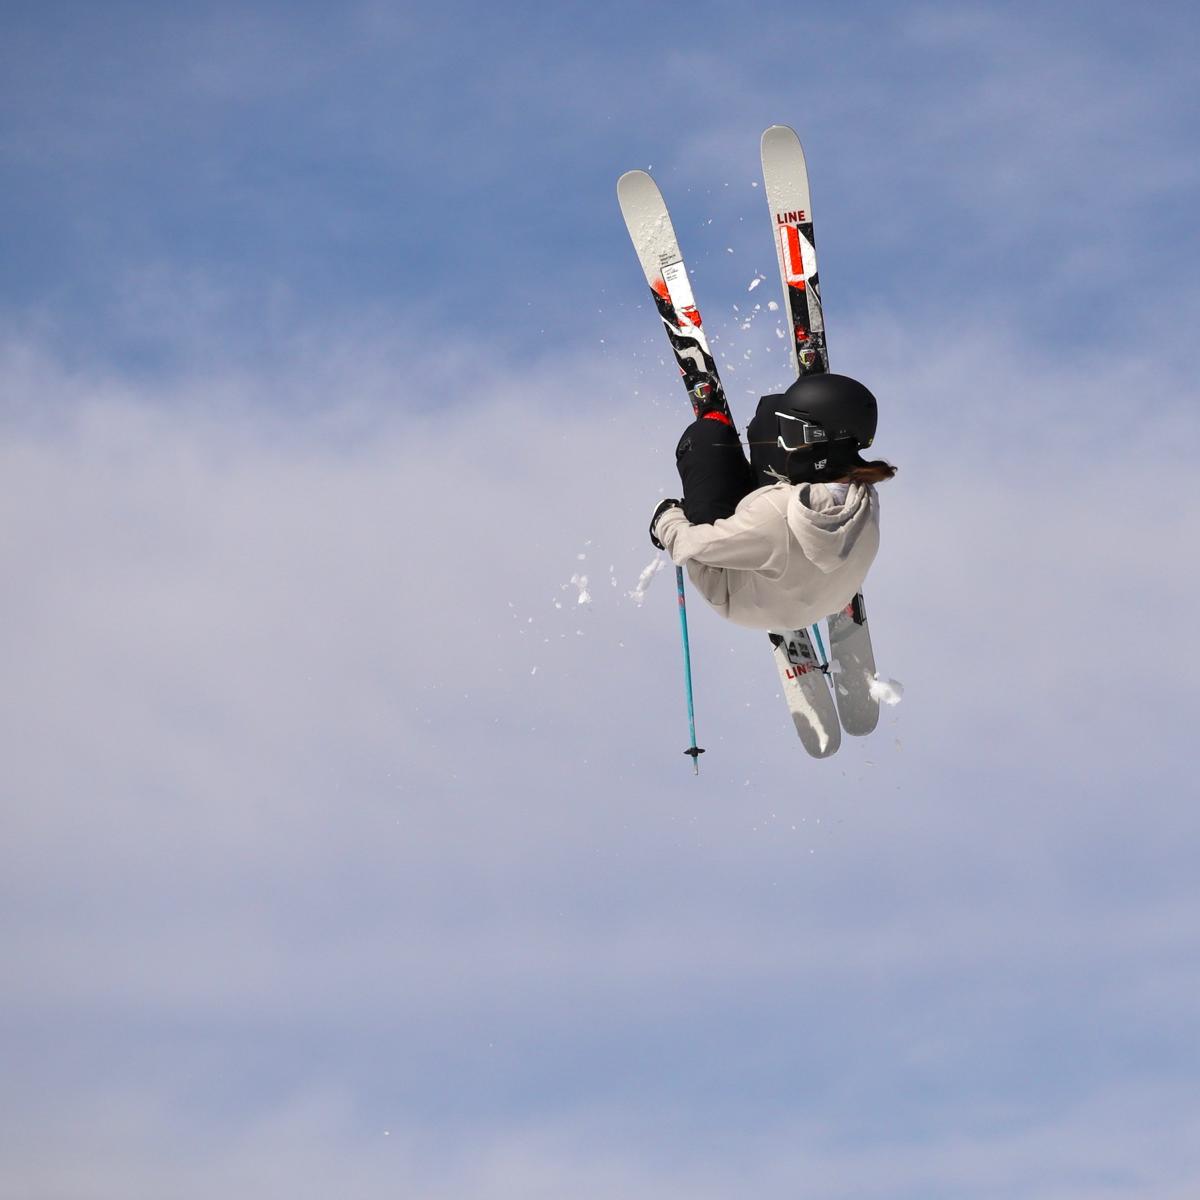 ski jump Ellie D